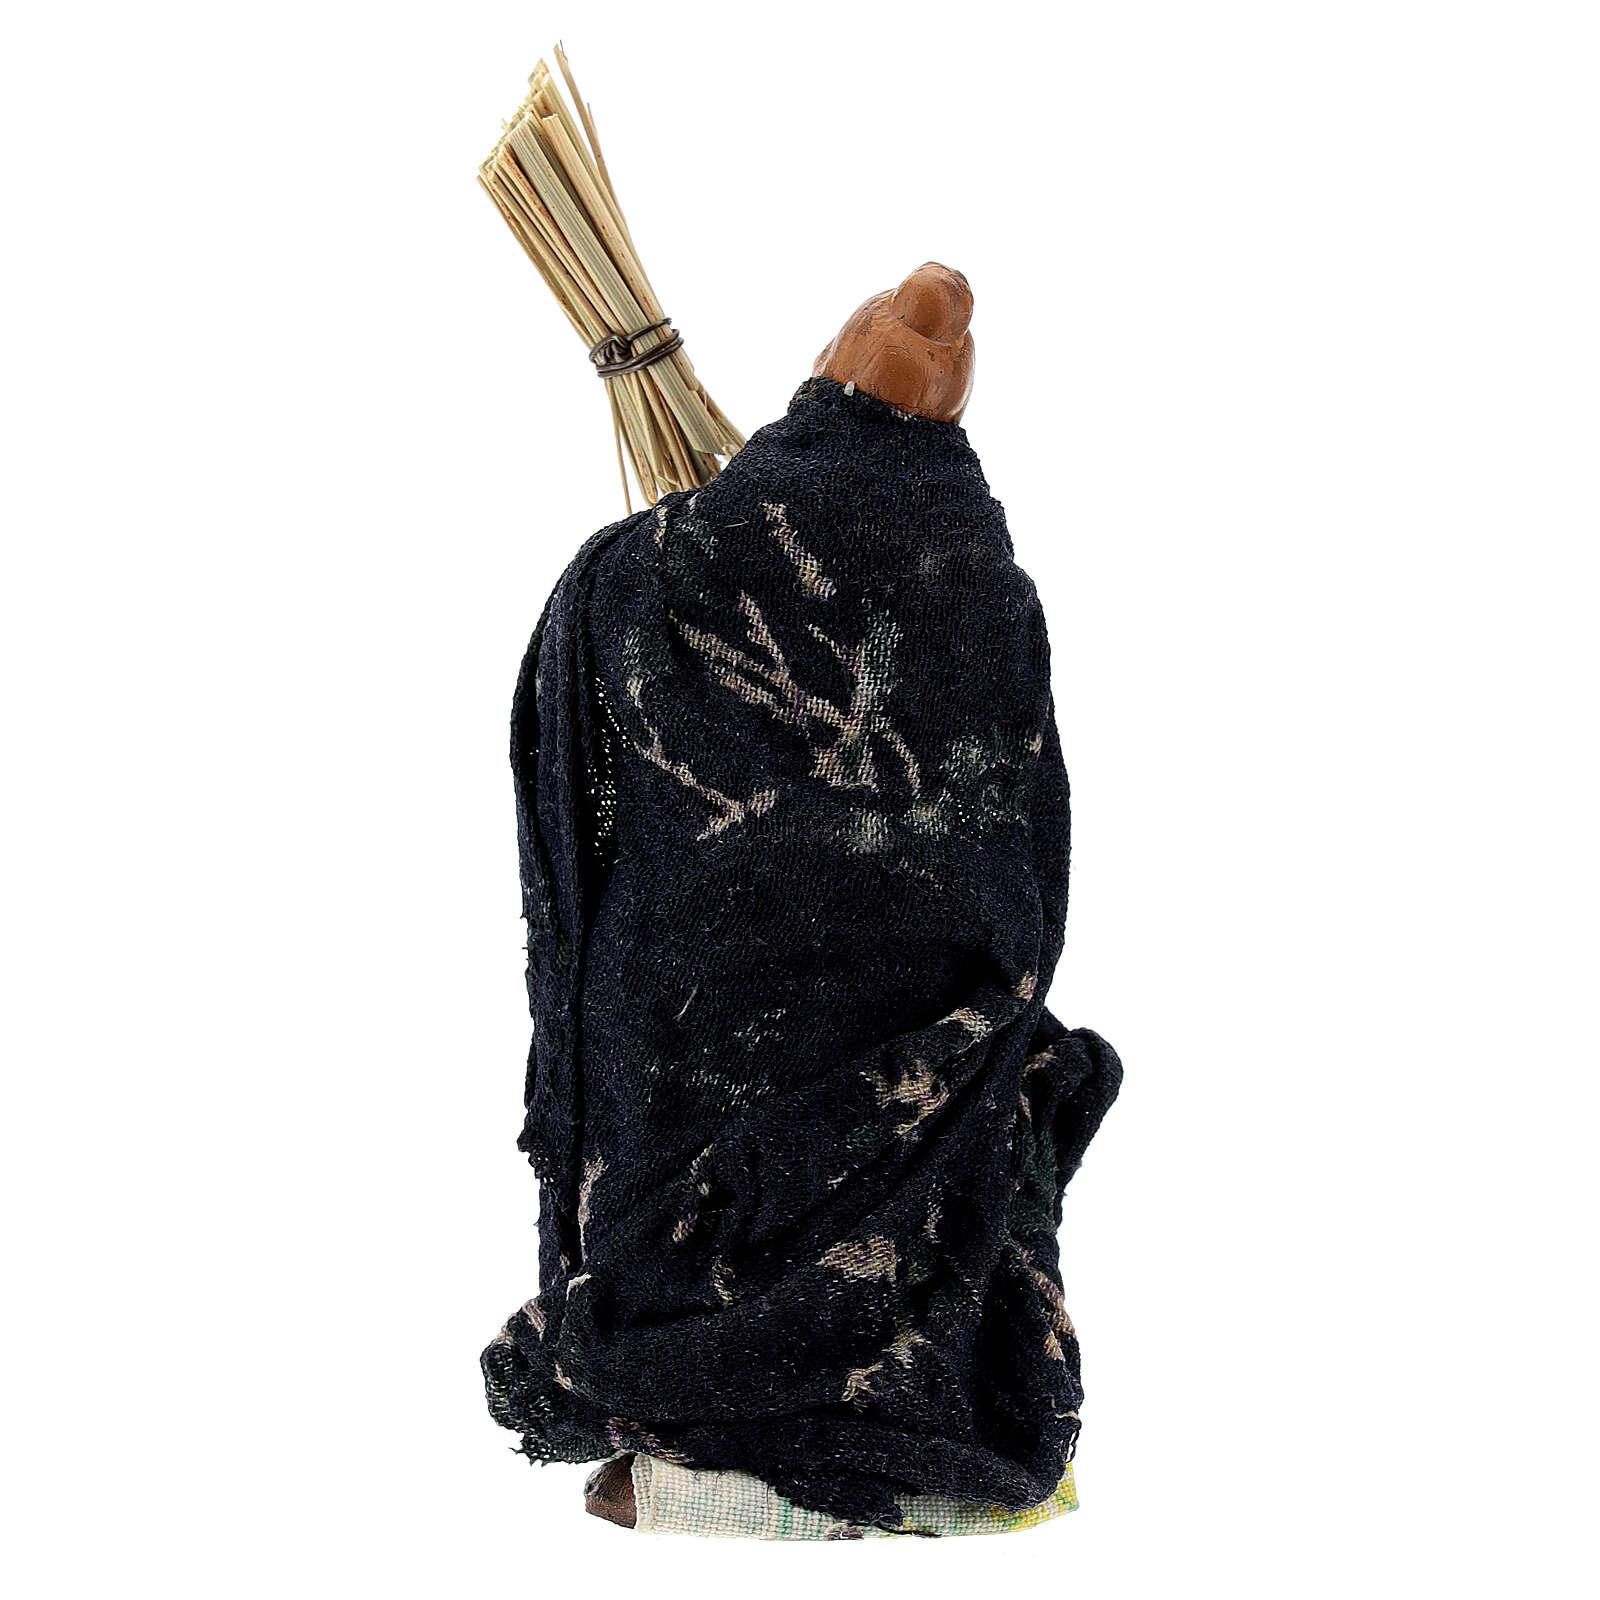 Mujer con escoba levantada terracota belén napolitano 8 cm 4